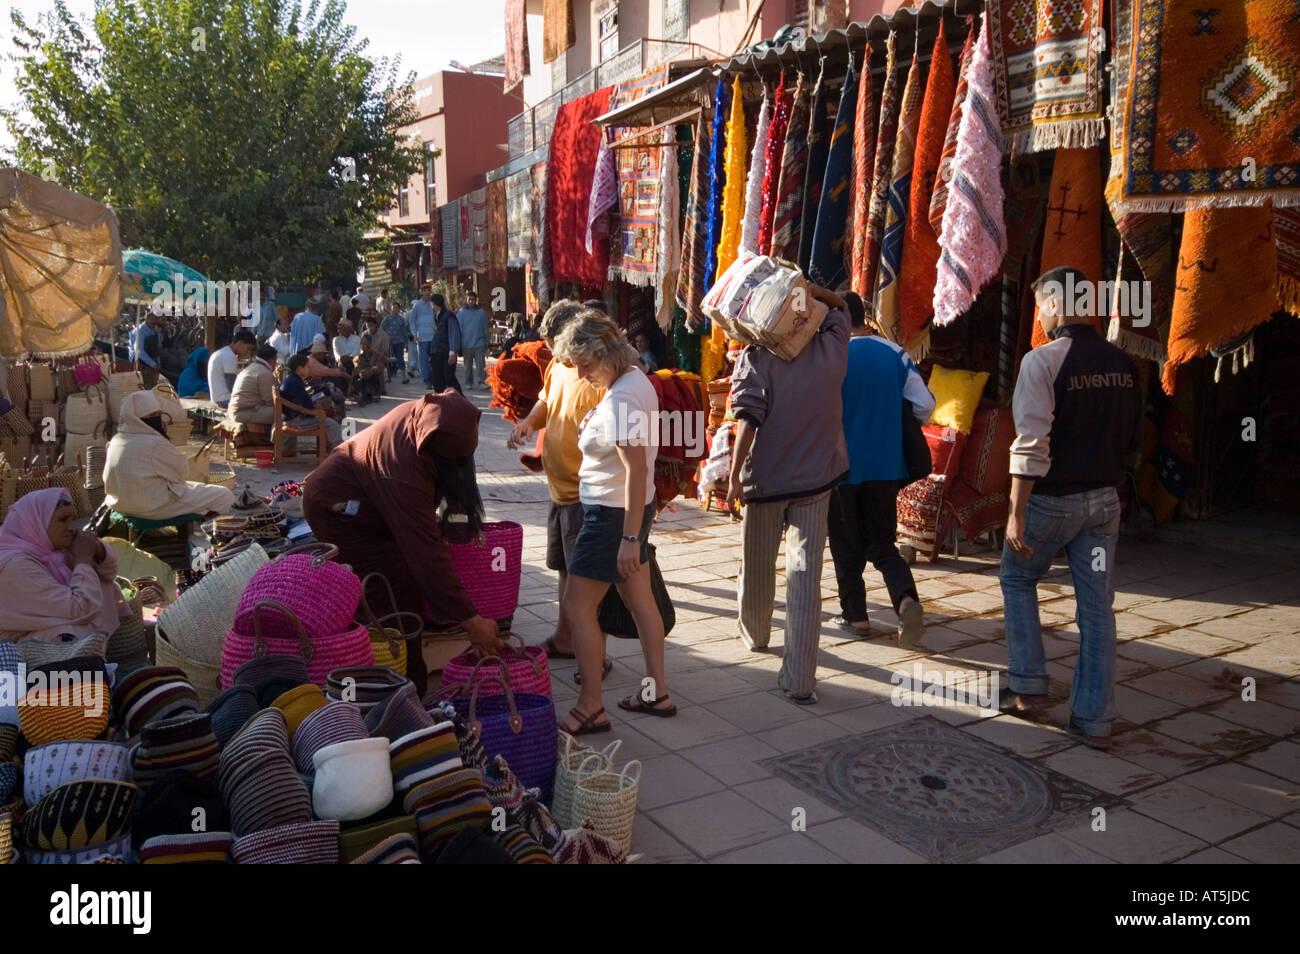 Tappeti Kilim Marocco : Il marocco tappeti tappeti kilim in vendita a marrakech foto